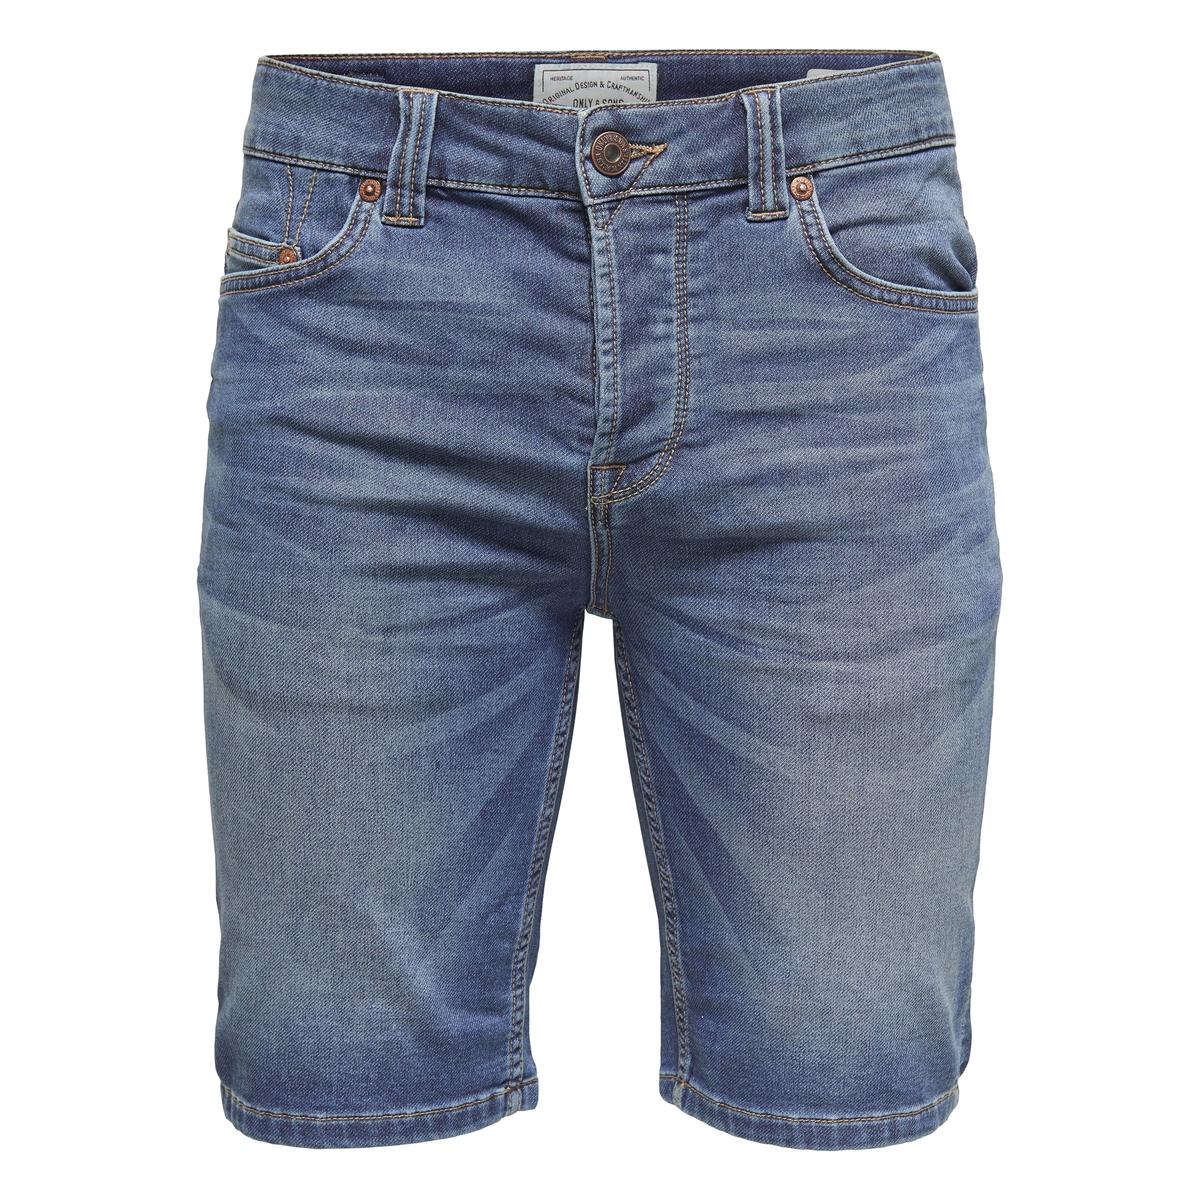 Бермуды джинсовые OnsbullОписание:Детали •  Пояс : стандартнаяСостав и уход •  75% хлопка, 24% полиэстера, 1% эластана   •  Следуйте советам по уходу, указанным на этикетке<br><br>Цвет: синий деним<br>Размер: 31 (US) - 31 (US).32 (US)